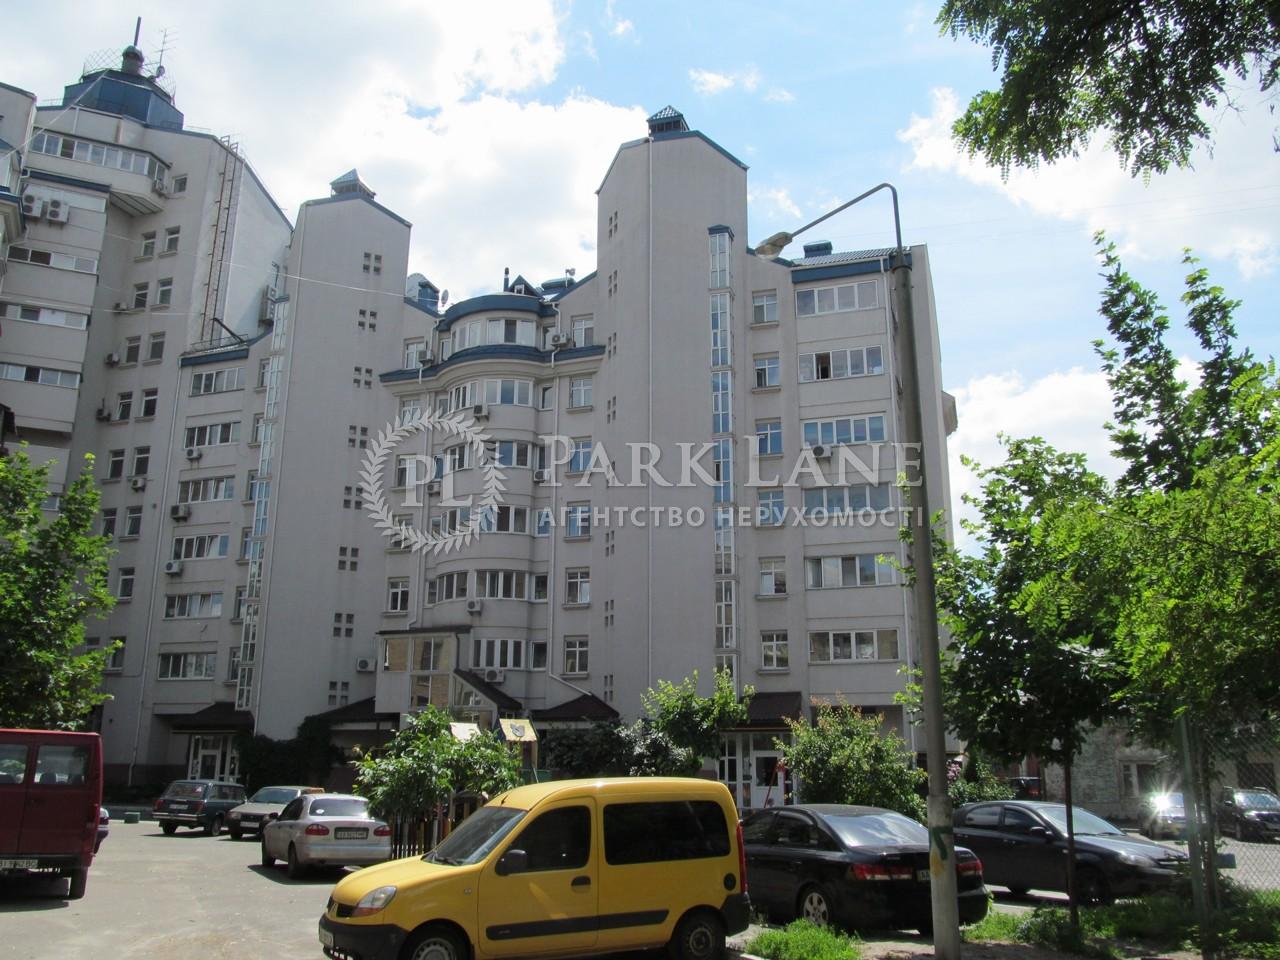 Нежитлове приміщення, вул. Турівська, Київ, X-13241 - Фото 3